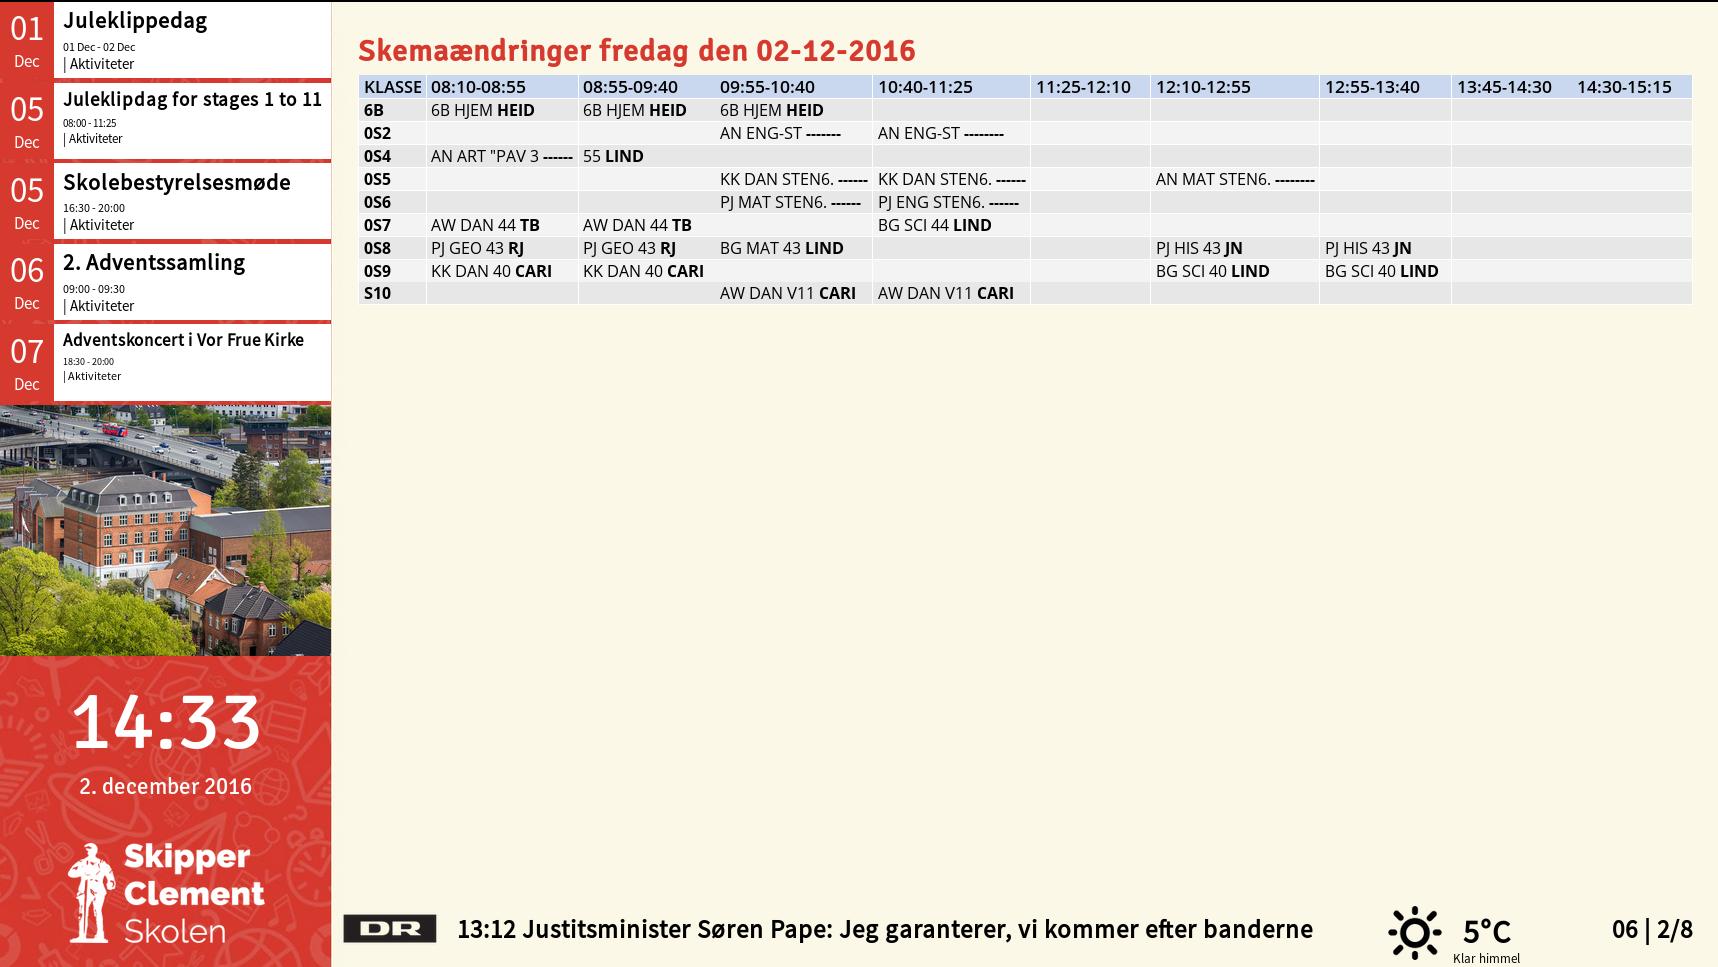 Eksempel på Screenpublisher infoskærm til en skole, med SkoleIntra Skemaændringer og Kalender udtræk